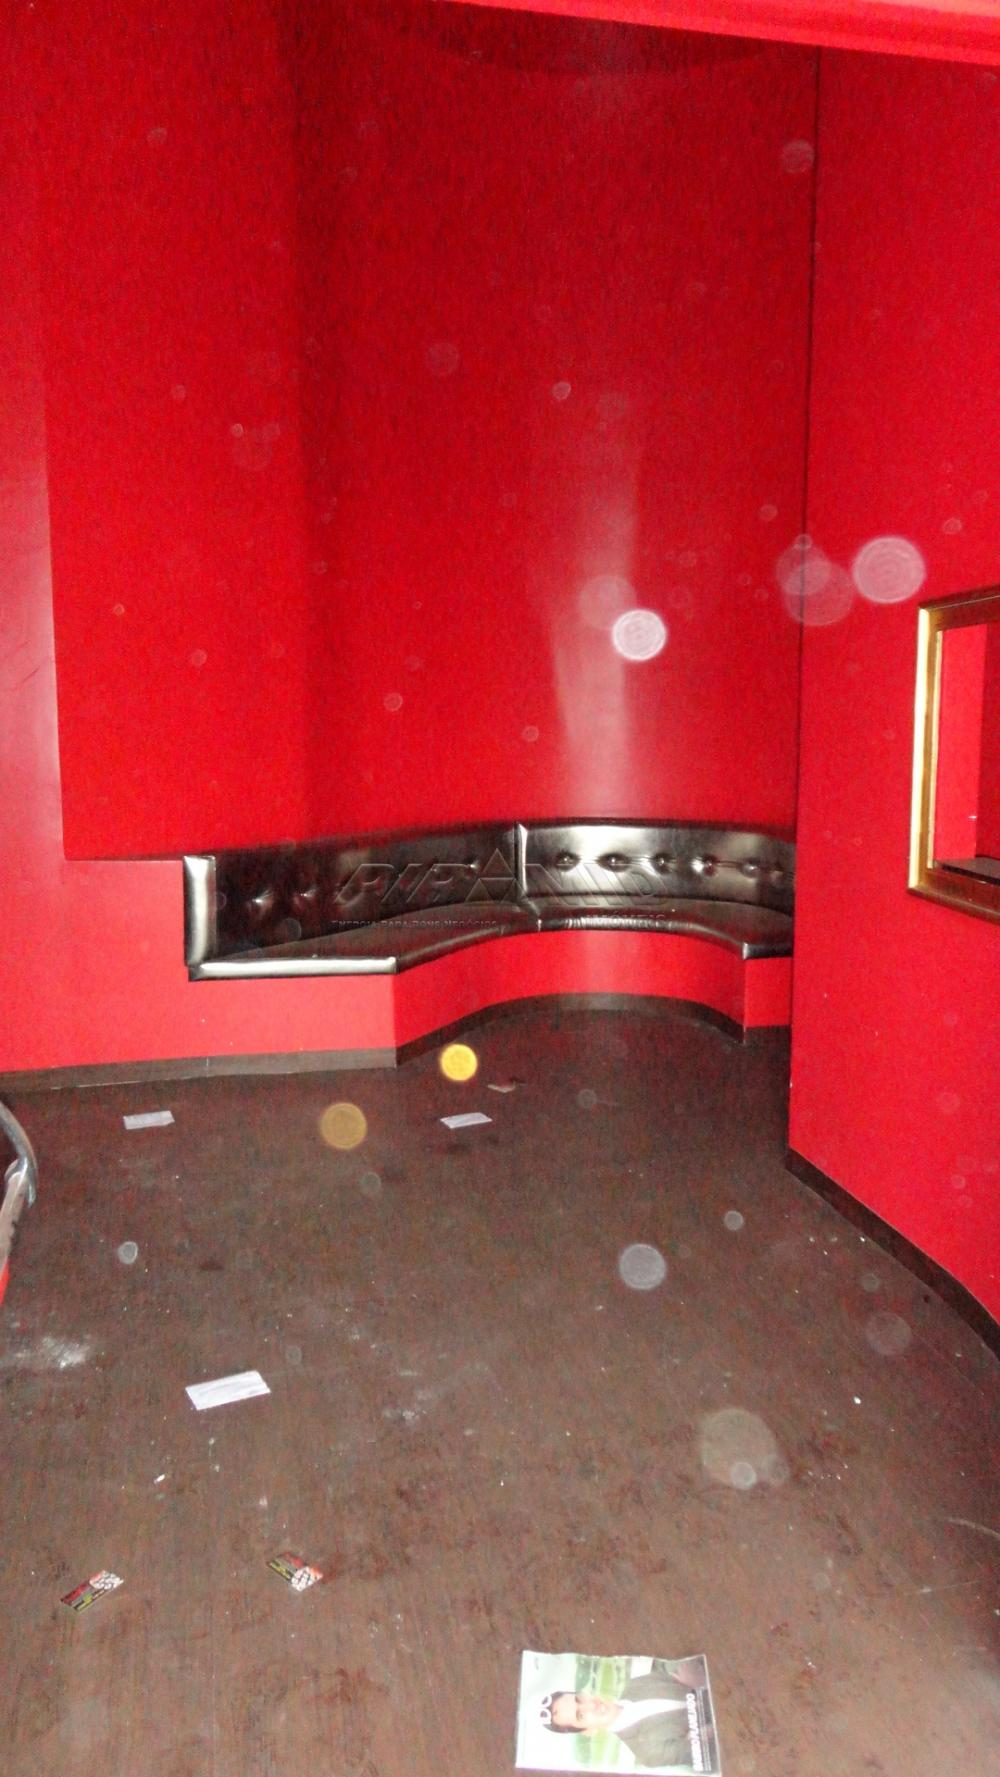 Alugar Comercial / Salão em Ribeirão Preto apenas R$ 30.000,00 - Foto 3